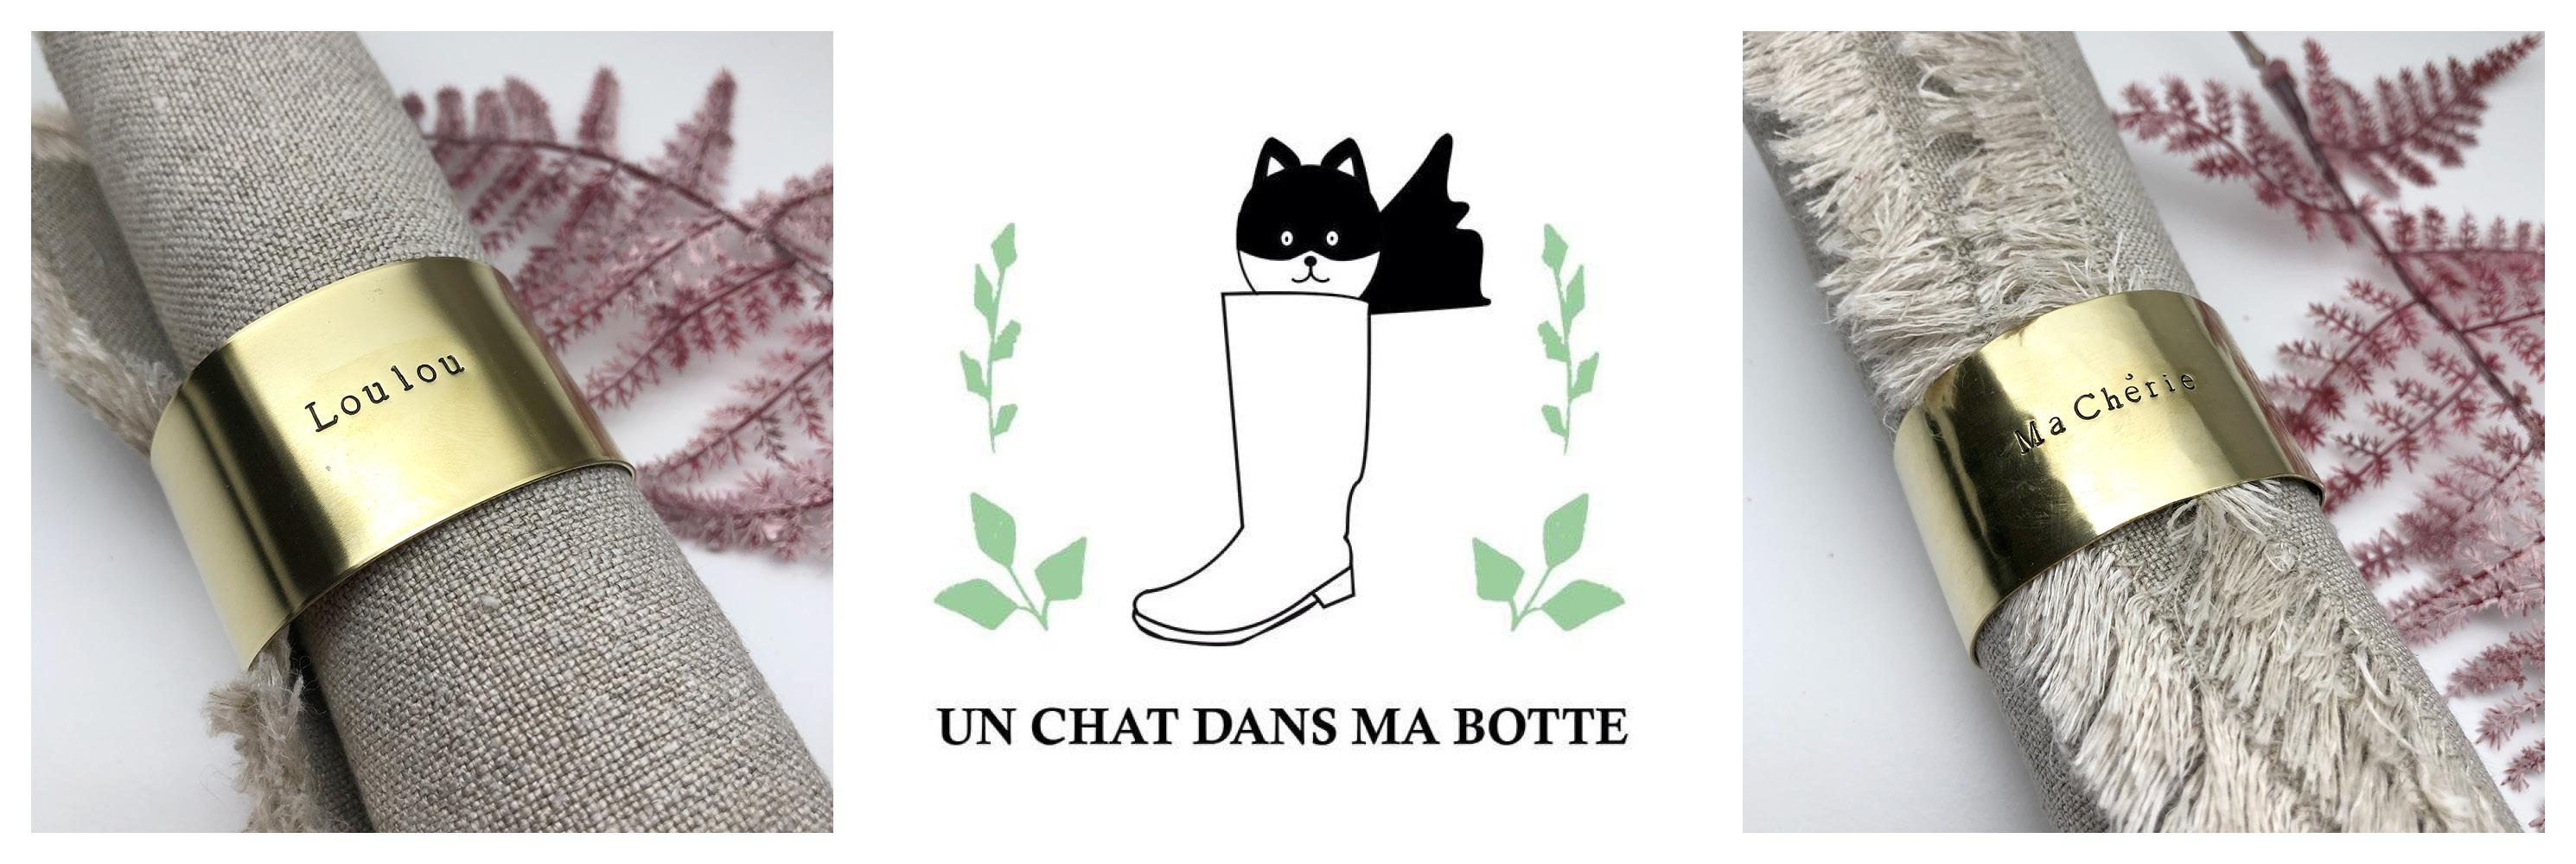 Un chat dans ma botte